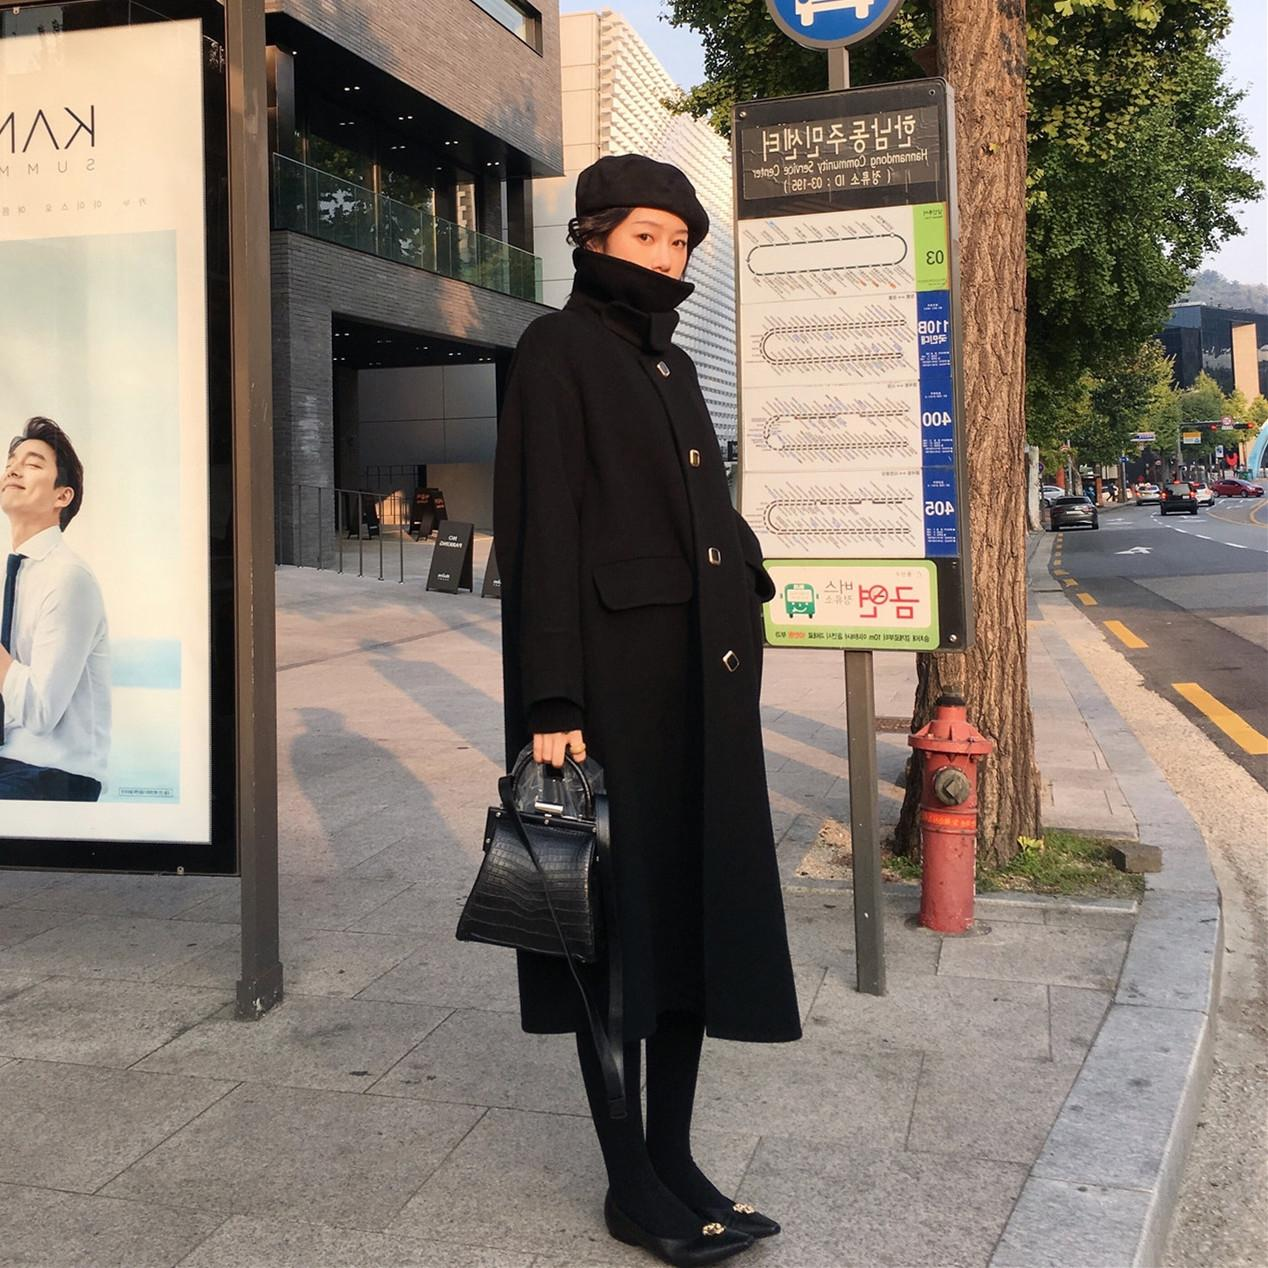 Rlbdj QgjMk Schwarze Wolle Wolle verdickte Wollmantel für Frauen 2020 Frühling Overknee Herbst der neuen koreanischen Stil Hepburn mittlerer Länge und Schlankheits Wolle